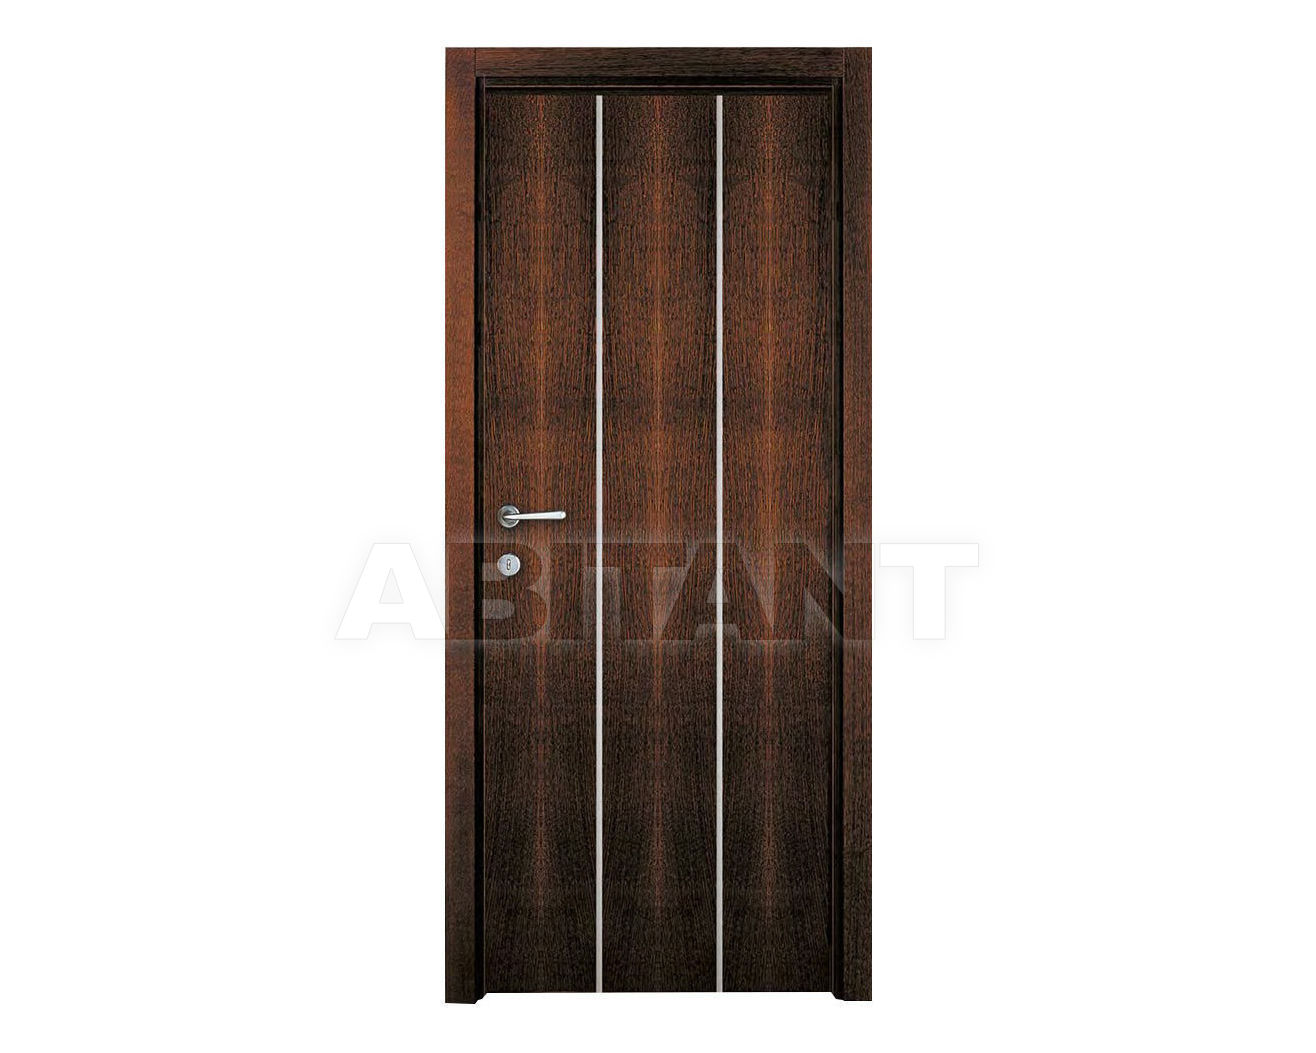 Купить Дверь деревянная Fioravazzi Lisce PAOLA 25 CENtRALE StREttO